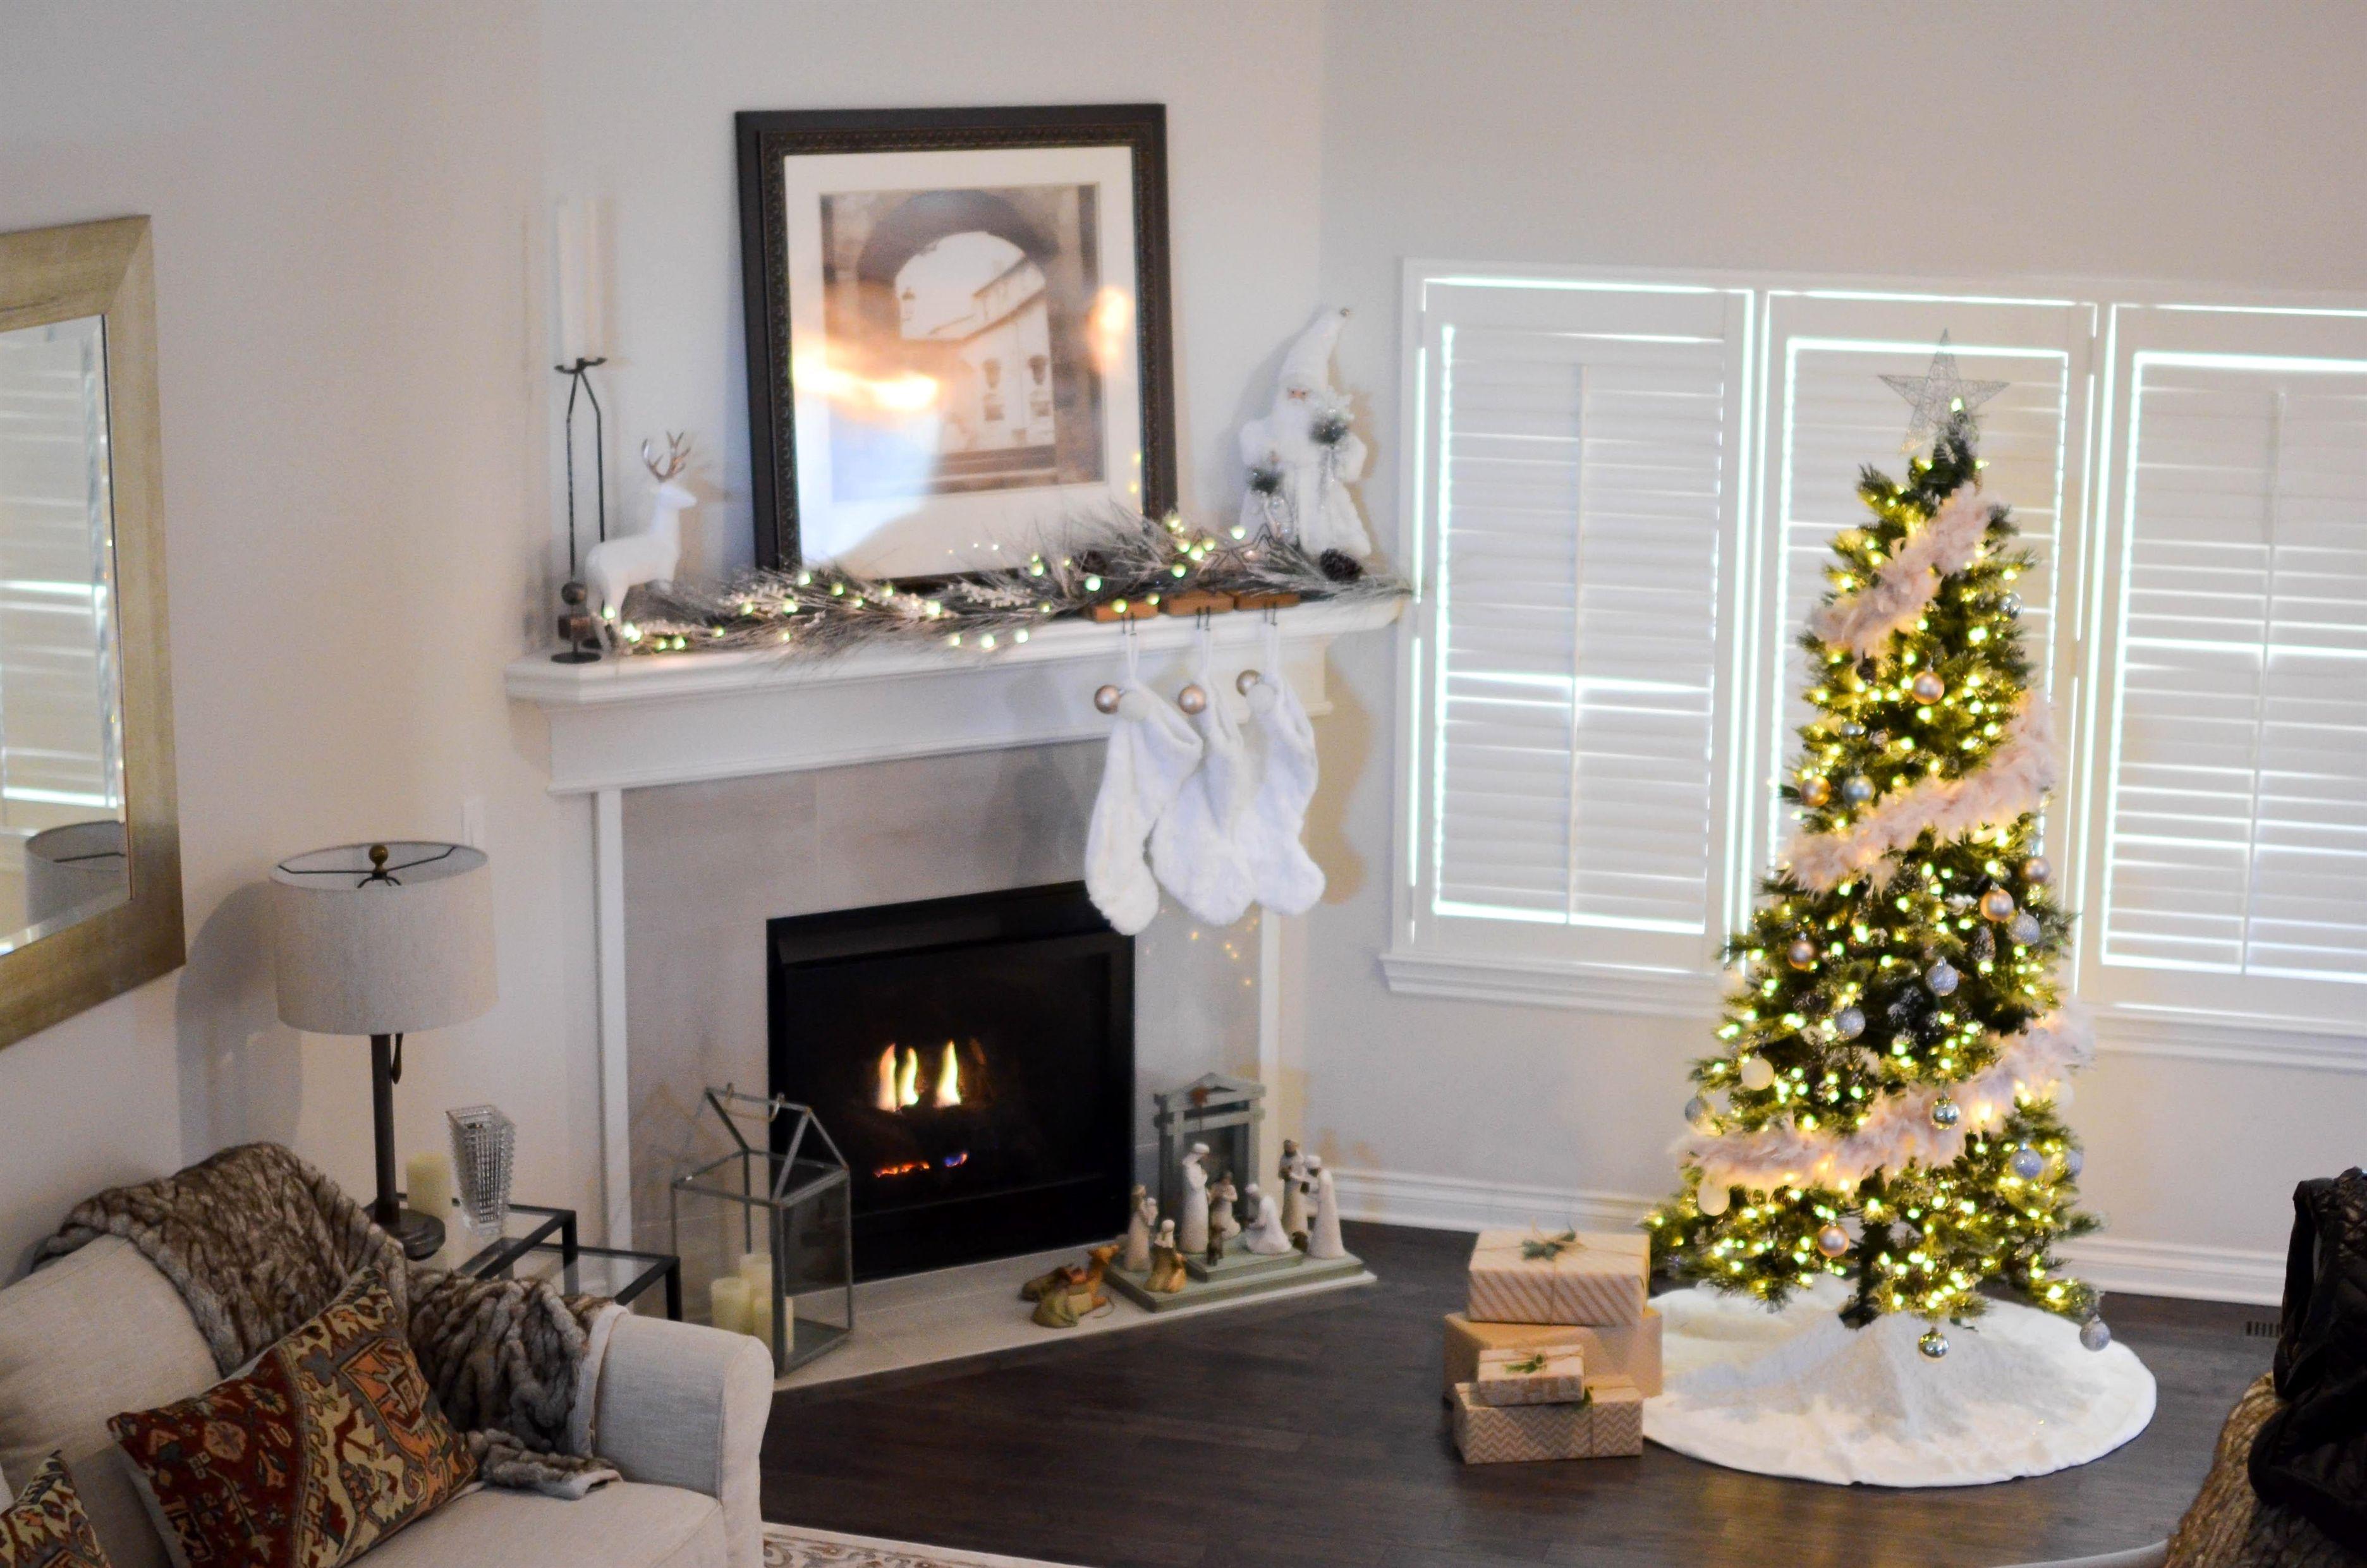 Best Home Decor Blog 2914 20191124210315 62 Yoga Home Decor